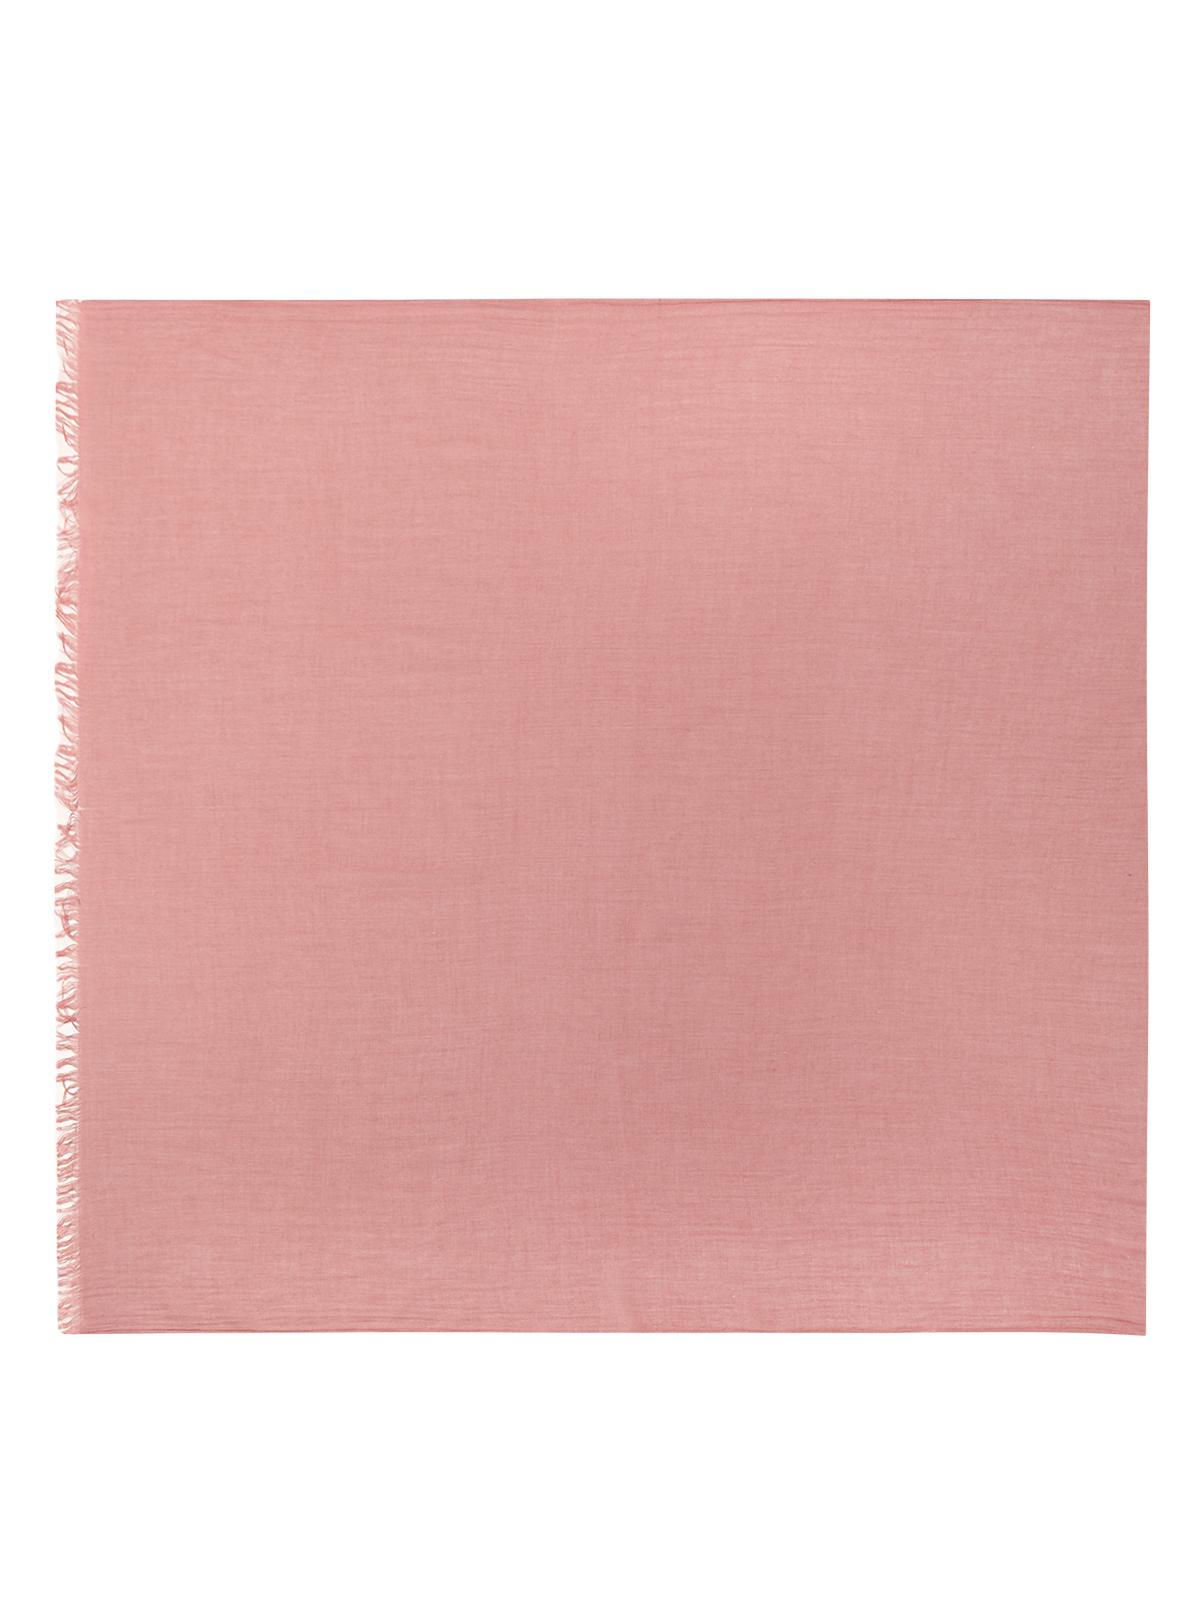 Шарф розового цветаШарфы<br><br>Материал верха: Текстиль<br>Цвет: Розовый<br>Дизайн: Италия<br>Страна производства: Италия<br><br>Материал верха: Текстиль<br>Цвет: Розовый<br>Пол: Женский<br>Размер: Без размера